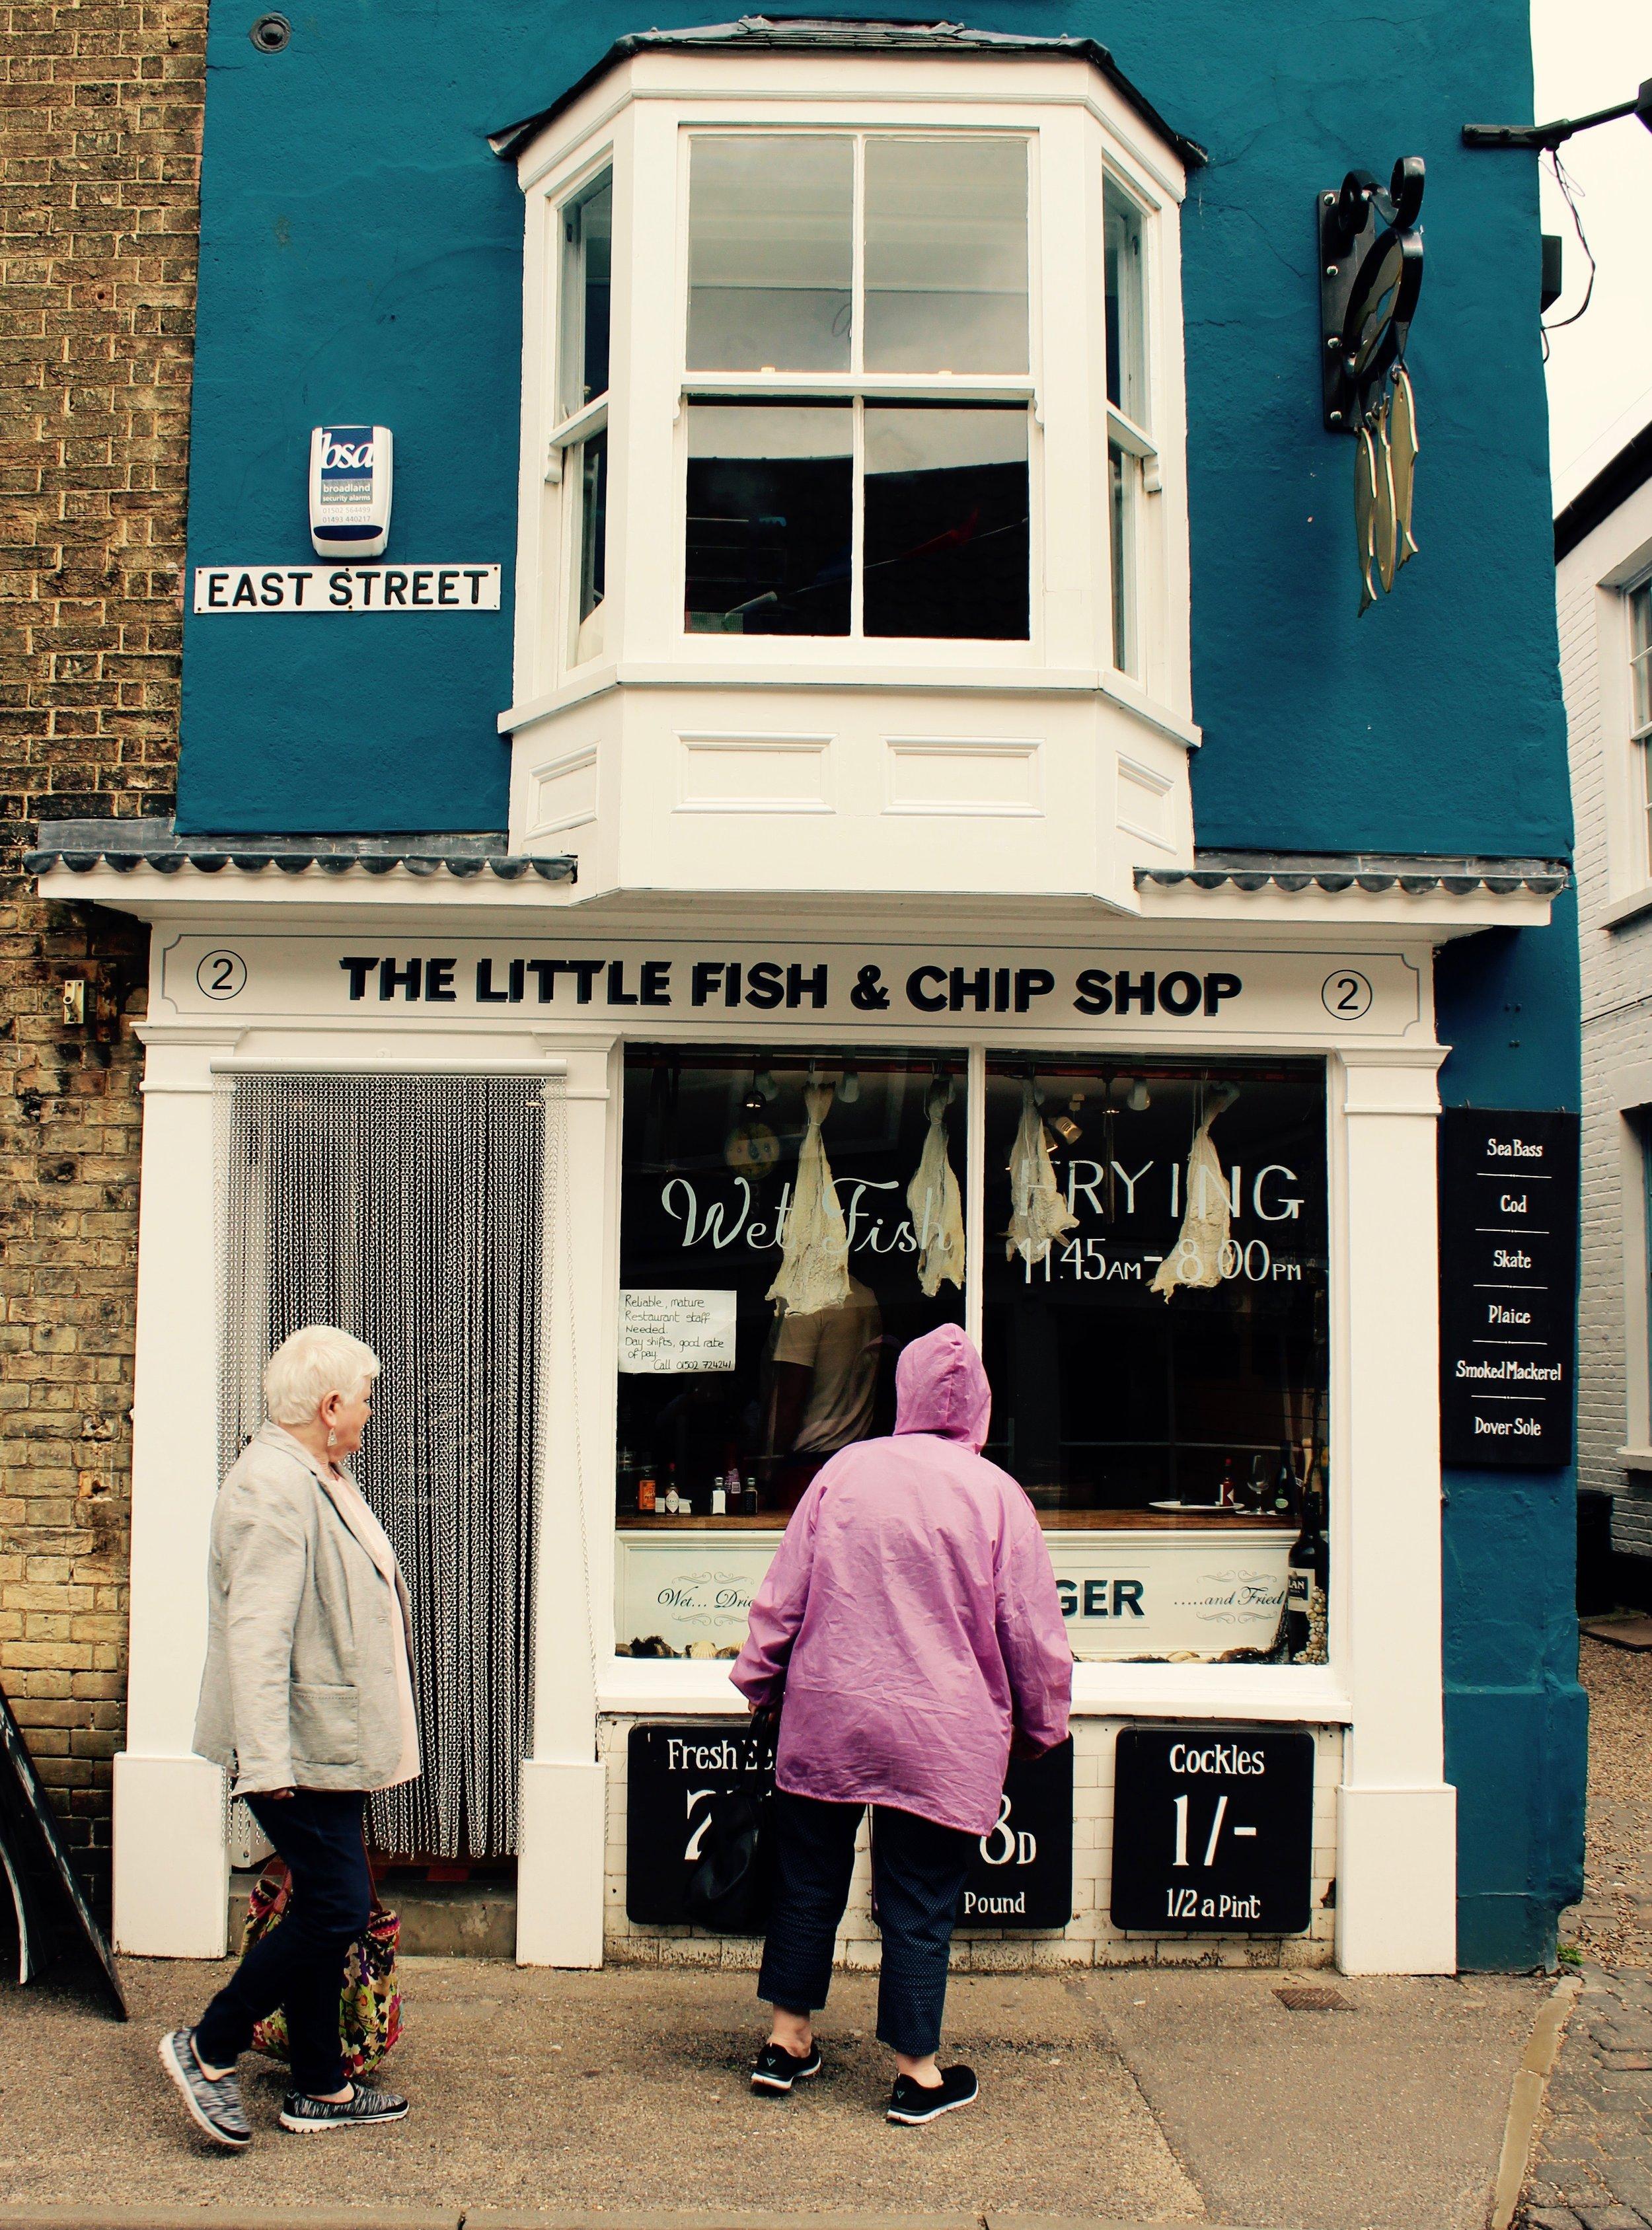 little fisha dn chip shop.jpg